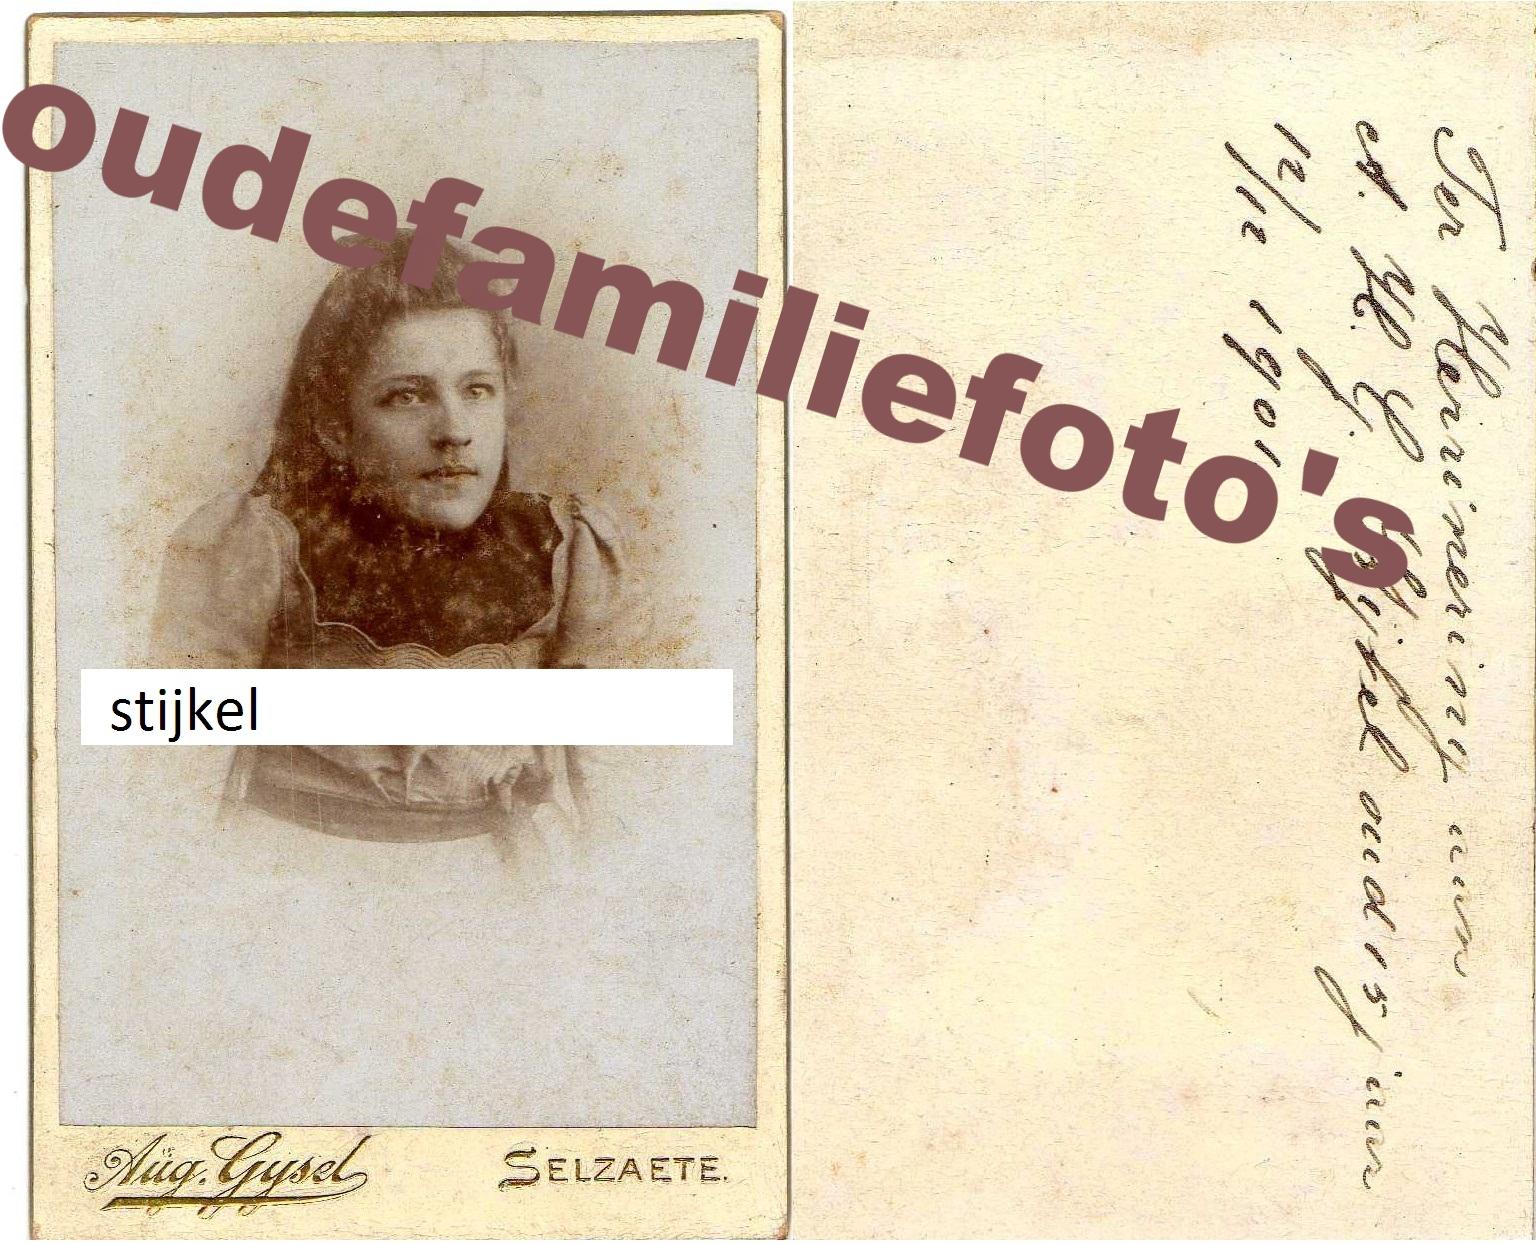 Stijkel, Achien Hermanna Goenier. geb: 11-6-1886 Borkum. ouders Hermannus en Tetje Bakker. € 2,50